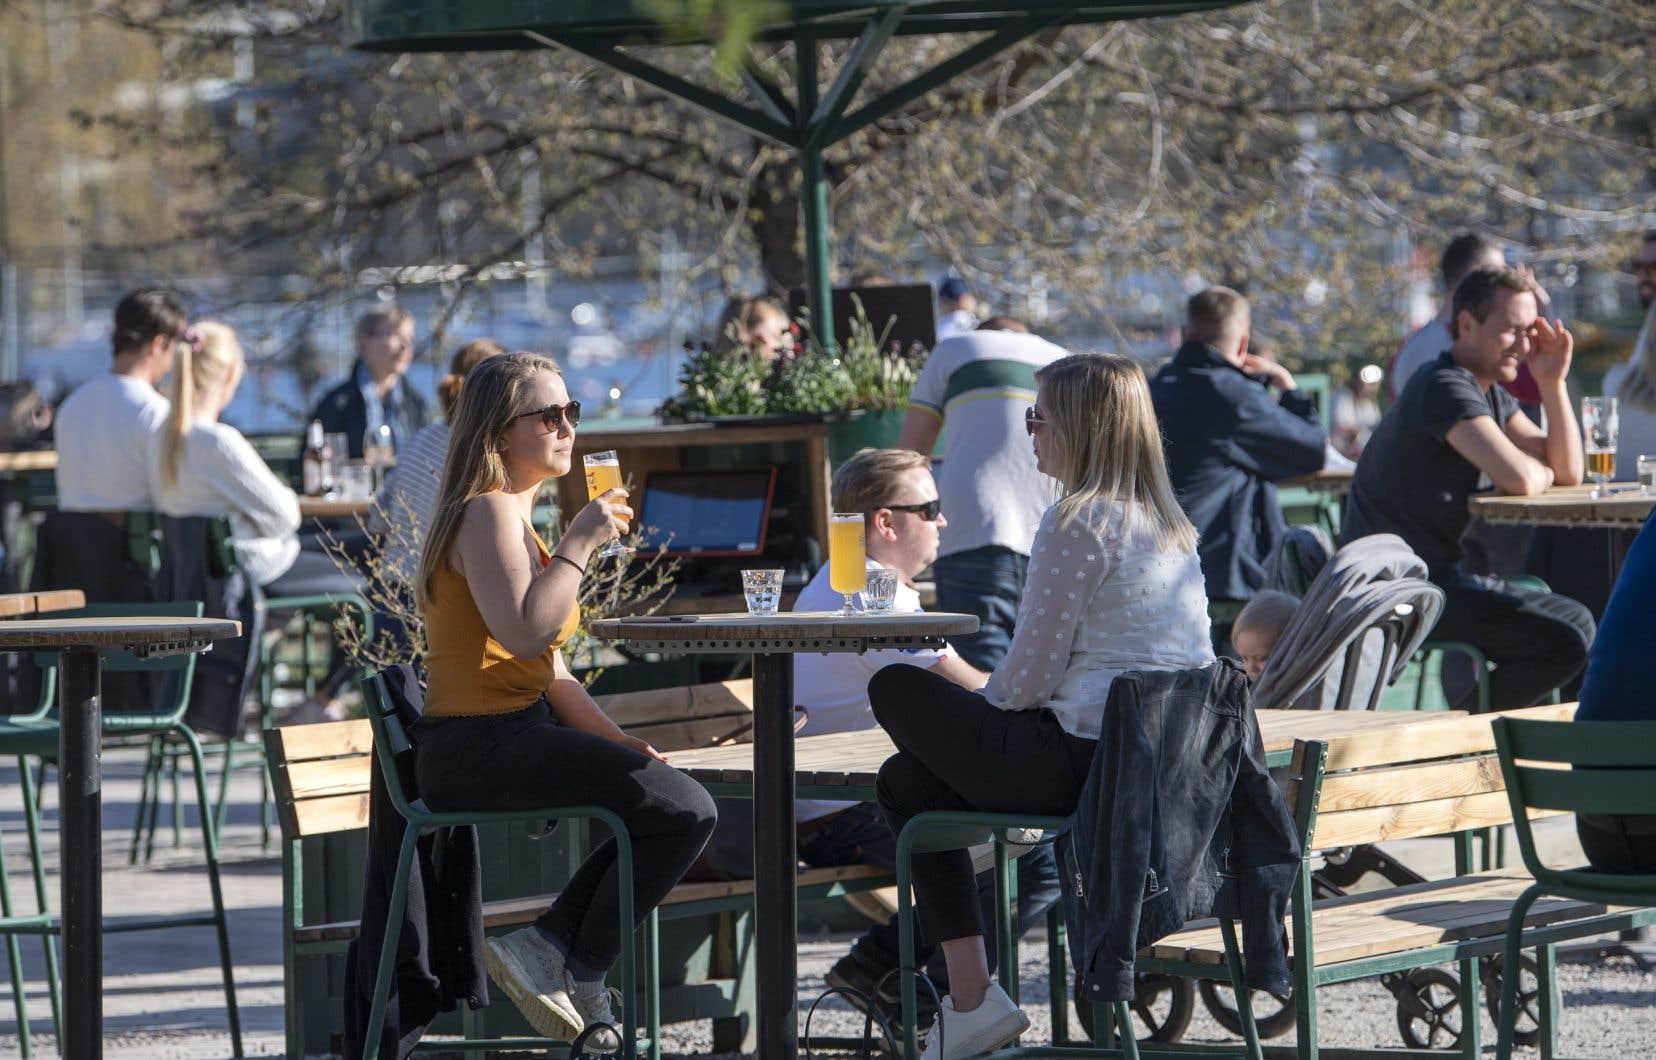 Selon les estimations gouvernementales, 40% de la population sera immunisée contre la COVID-19 d'ici juin dans la ville de Stockholm, épicentre de l'épidémie.